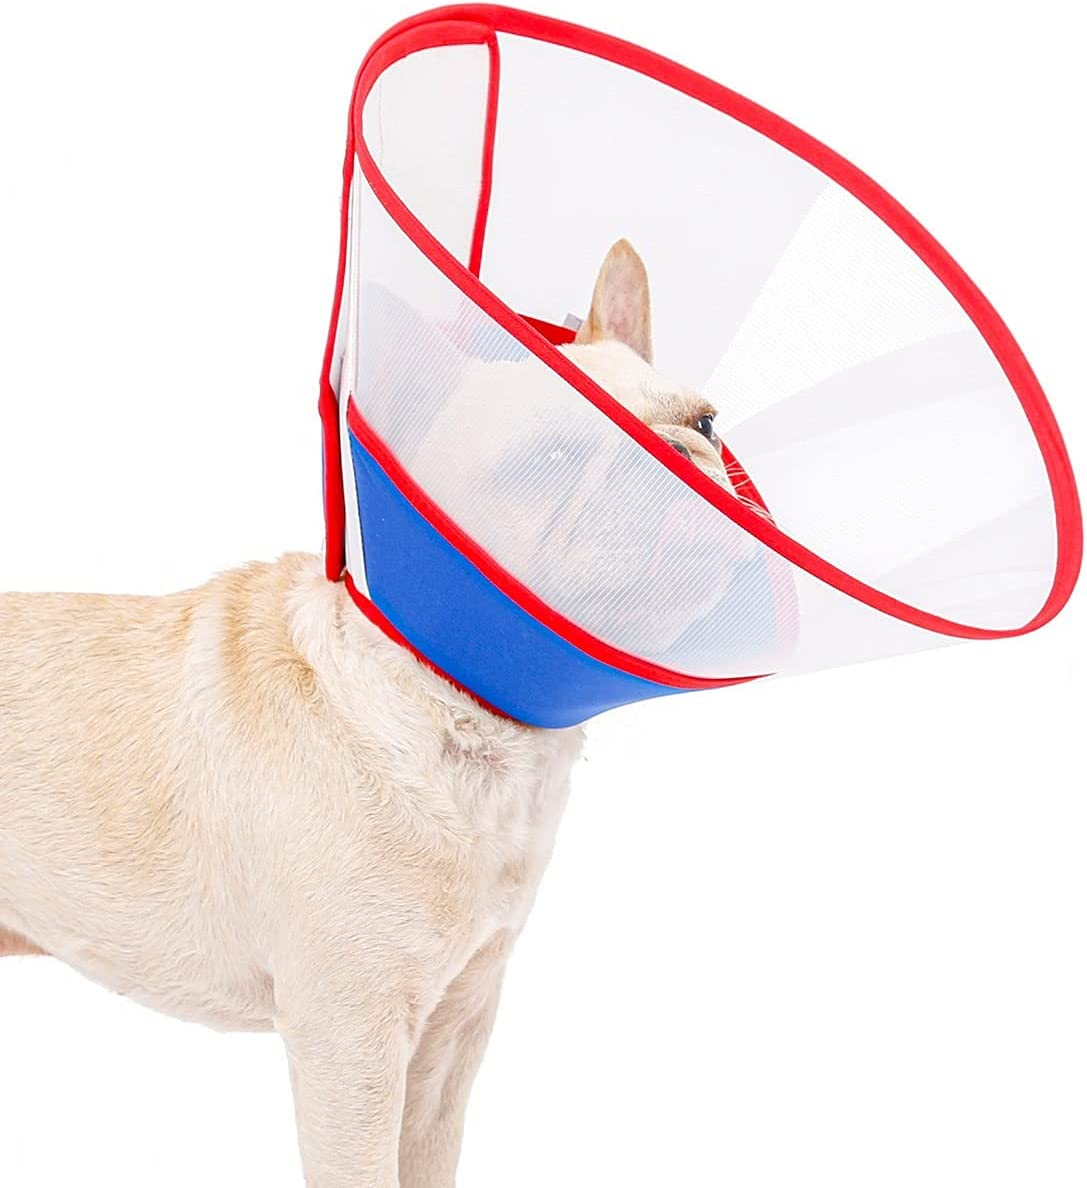 Yiwong Conos de Recuperación para Mascotas, Collar Isabelino para Perros y Gatos, Cuello Protector para Perros y Gatos, Ideal para la recuperación Tras una cirugía, o para Curar heridas